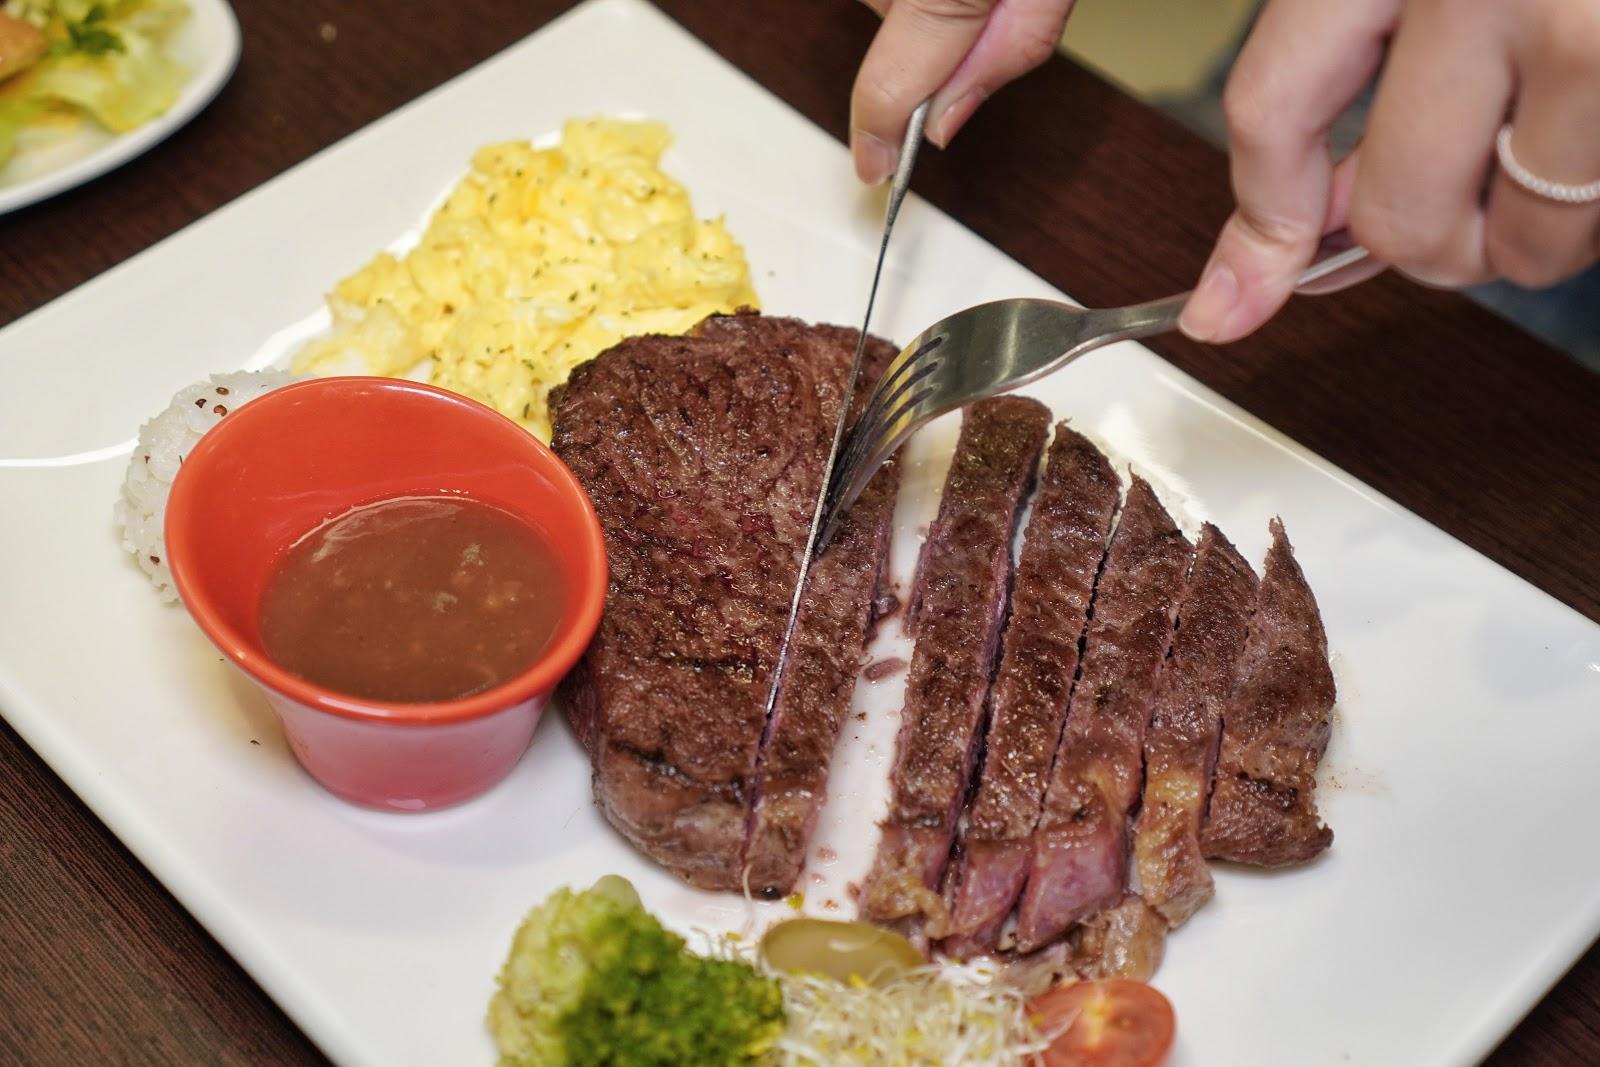 台南東區美食【大大力牛排館】瓷盤牛排厚切沙朗